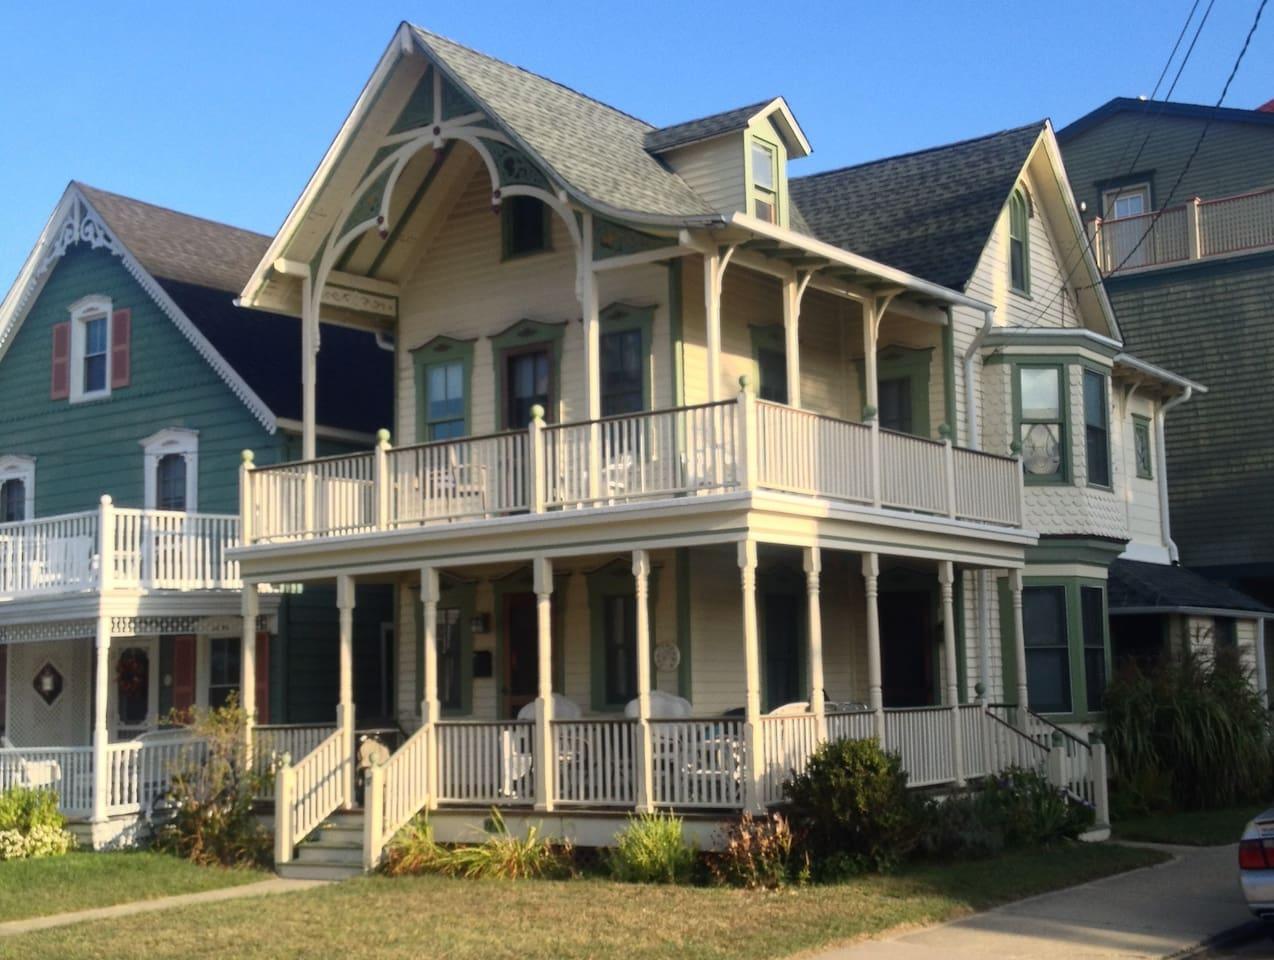 Built in 1872